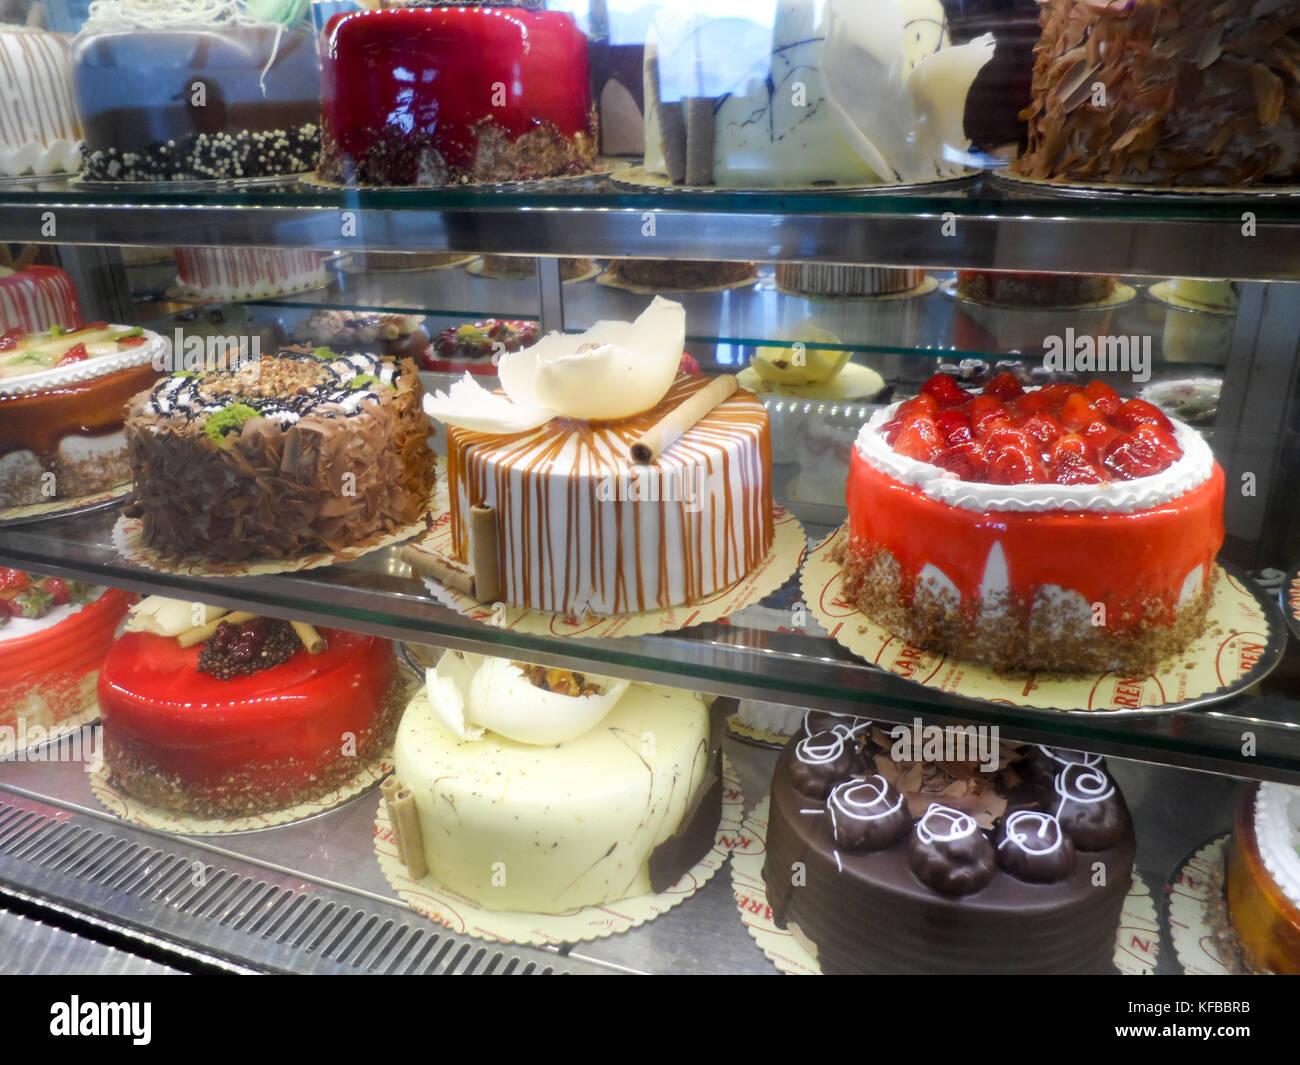 Gâteaux à la crème fraîche dans une pâtisserie shop, Marmaris, province de Mugla, Turquie Photo Stock